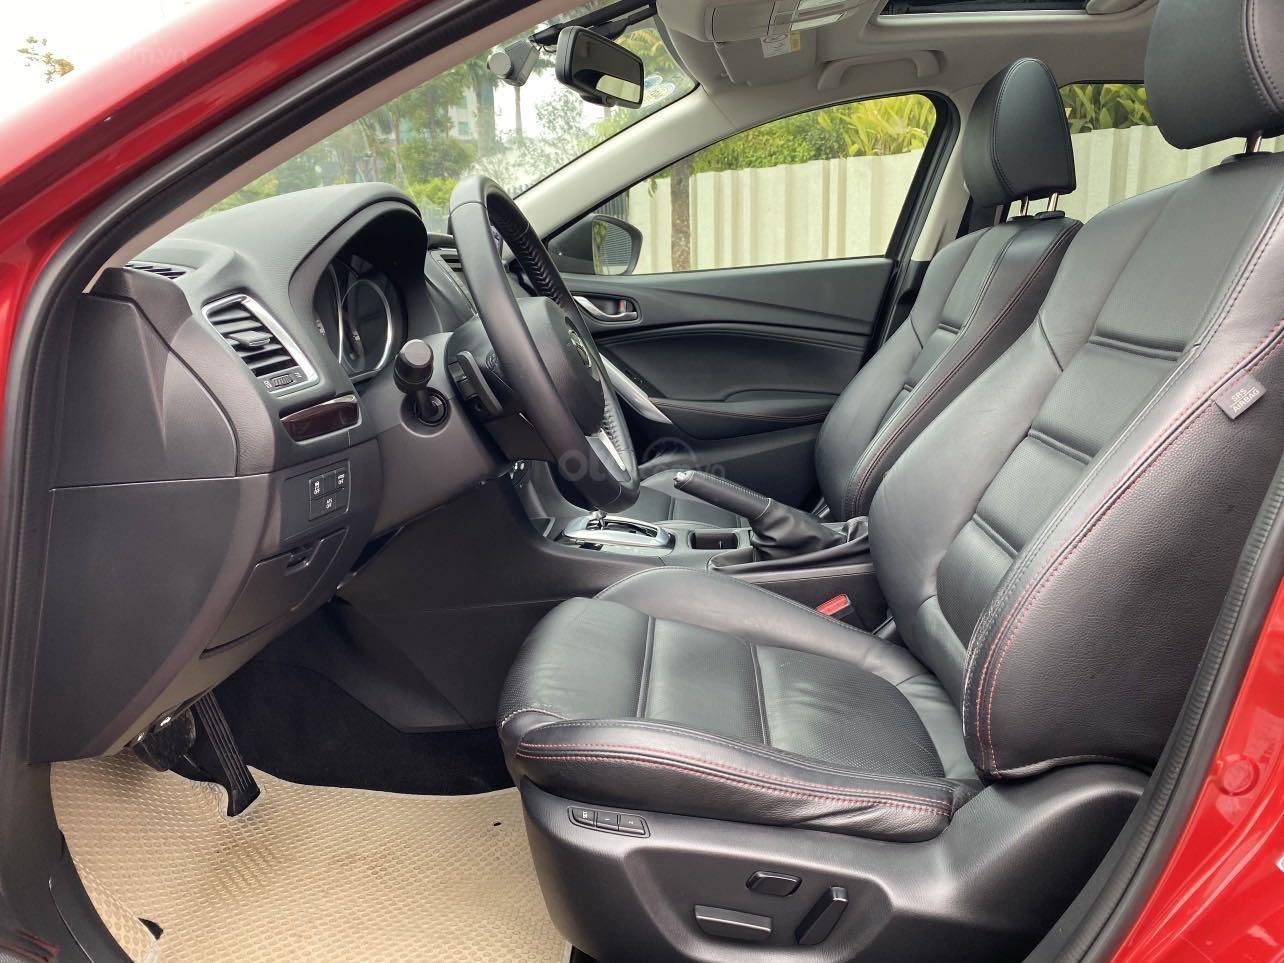 Bán nhanh chiếc Mazda 6 2.5AT 2015 chủ đi cực giữ gìn (7)